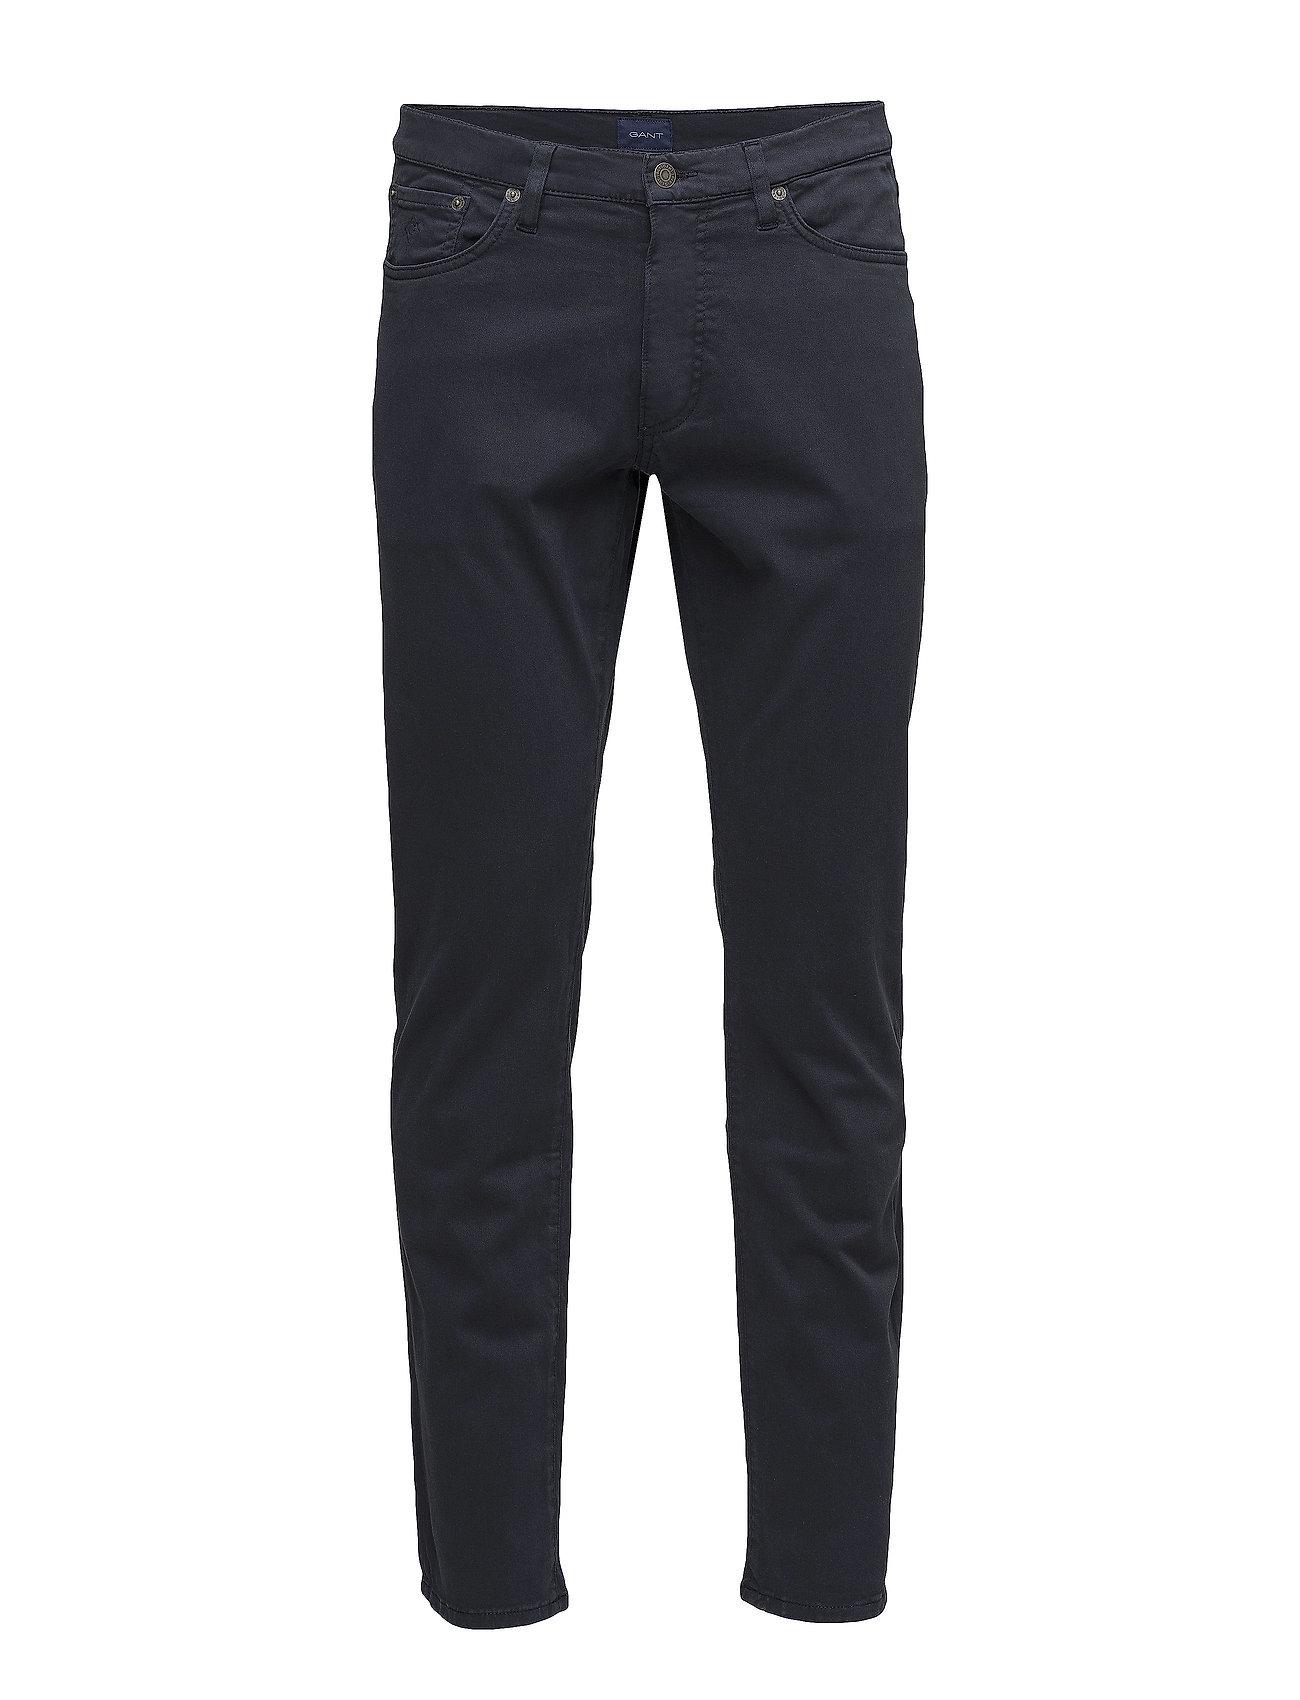 GANT SLIM DESERT JEANS Jeans